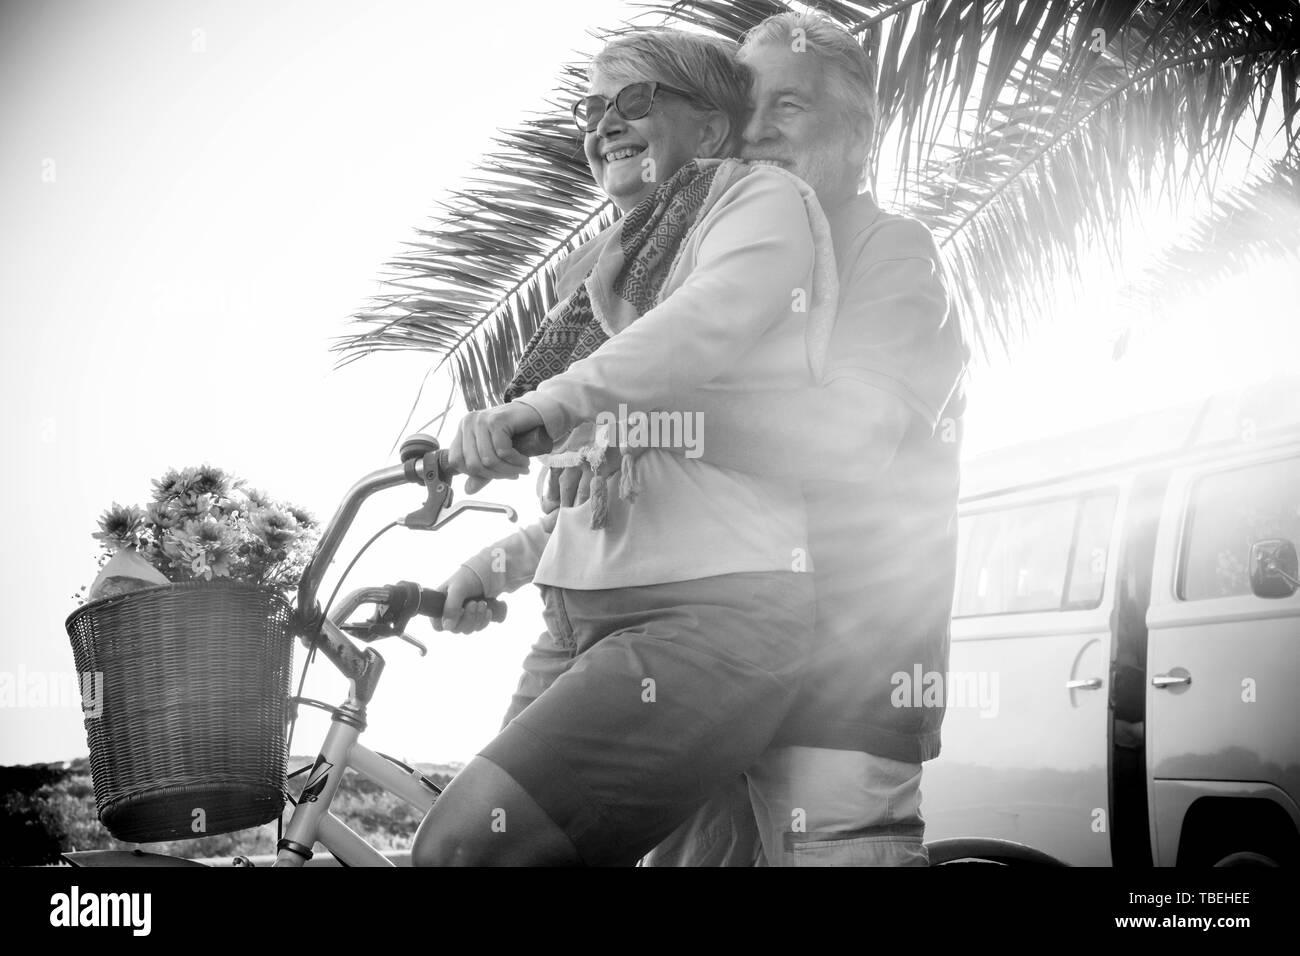 Schönen im Alter von Paar der Älteren in Urlaub gehen beide auf ein altes Fahrrad und genießen Sie den Sommer Sonnenlicht. tropisch und Vintage van im Hintergrund. Schwarz Stockfoto